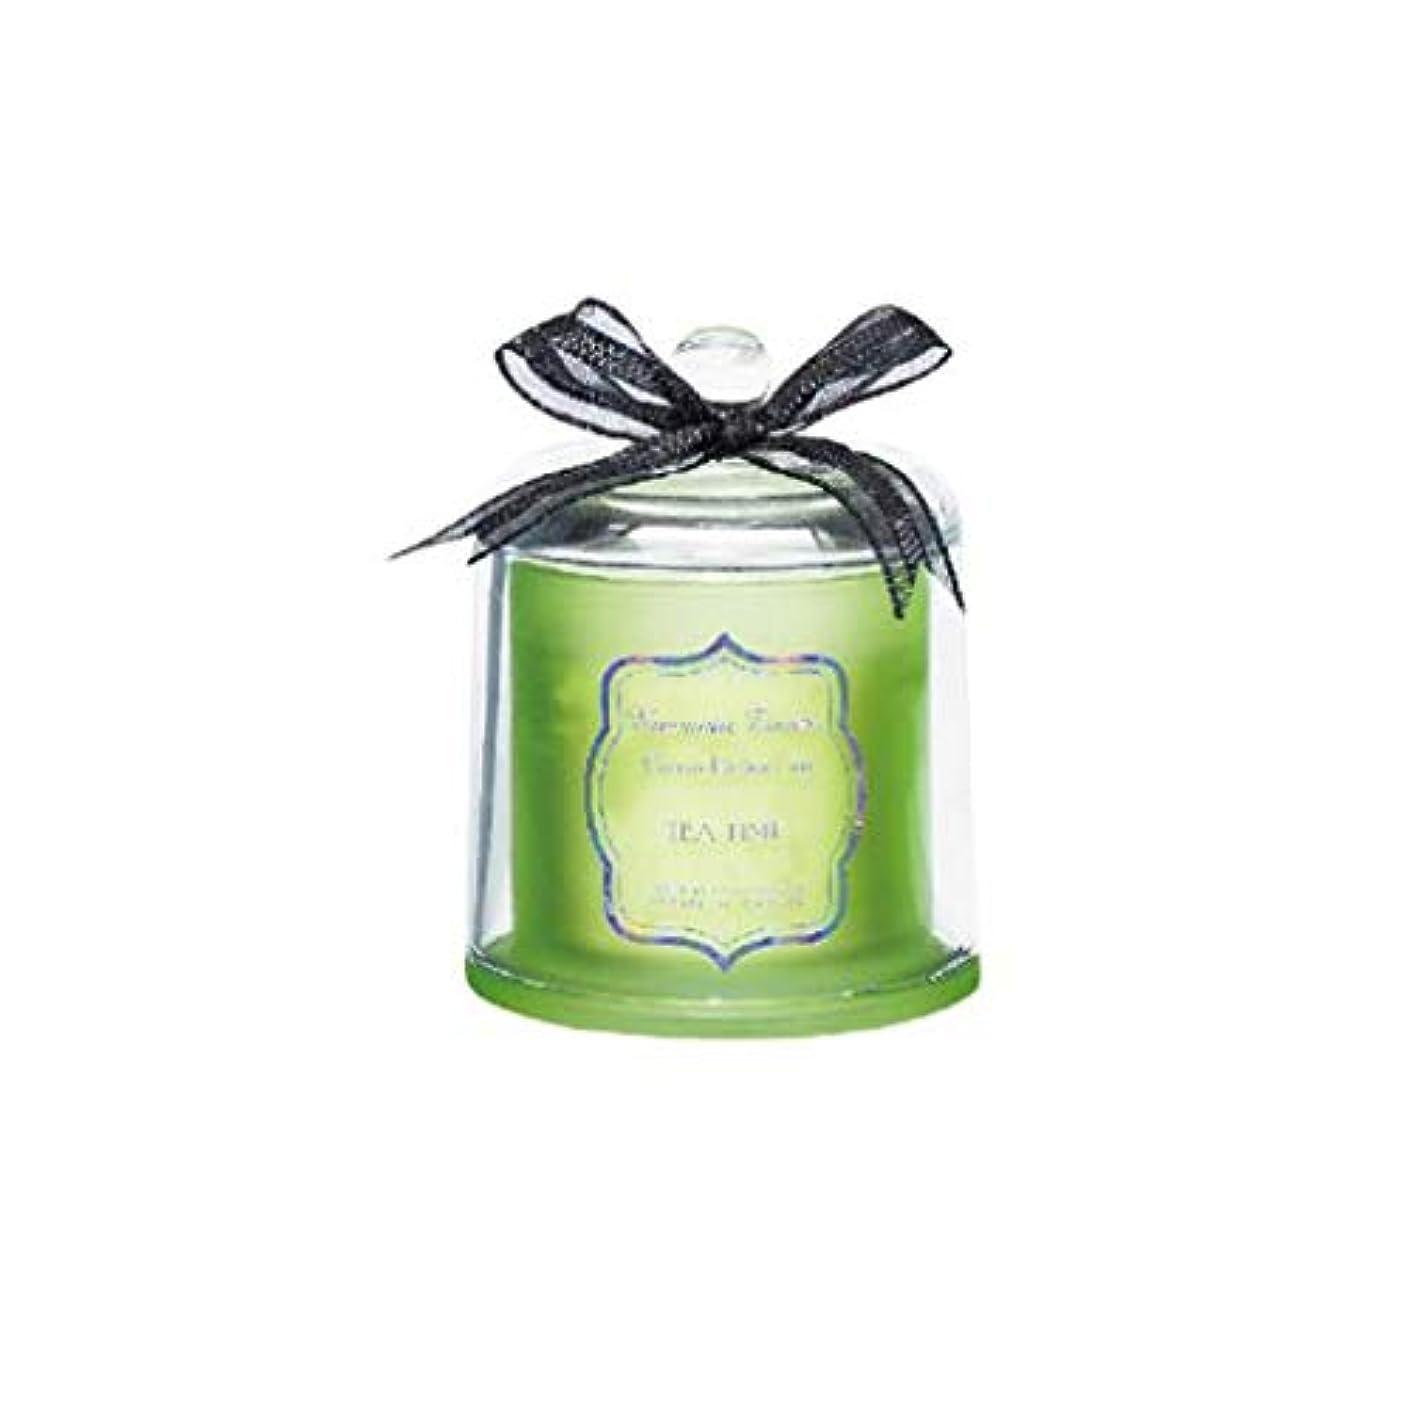 注文取得する険しいキャンドル、ロマンチックな無煙エッセンシャルオイルの香りのキャンドル、香りの香り、なだめるような睡眠、装飾的なギフトパーティー、装飾的な香りのキャンドル (Color : Green)